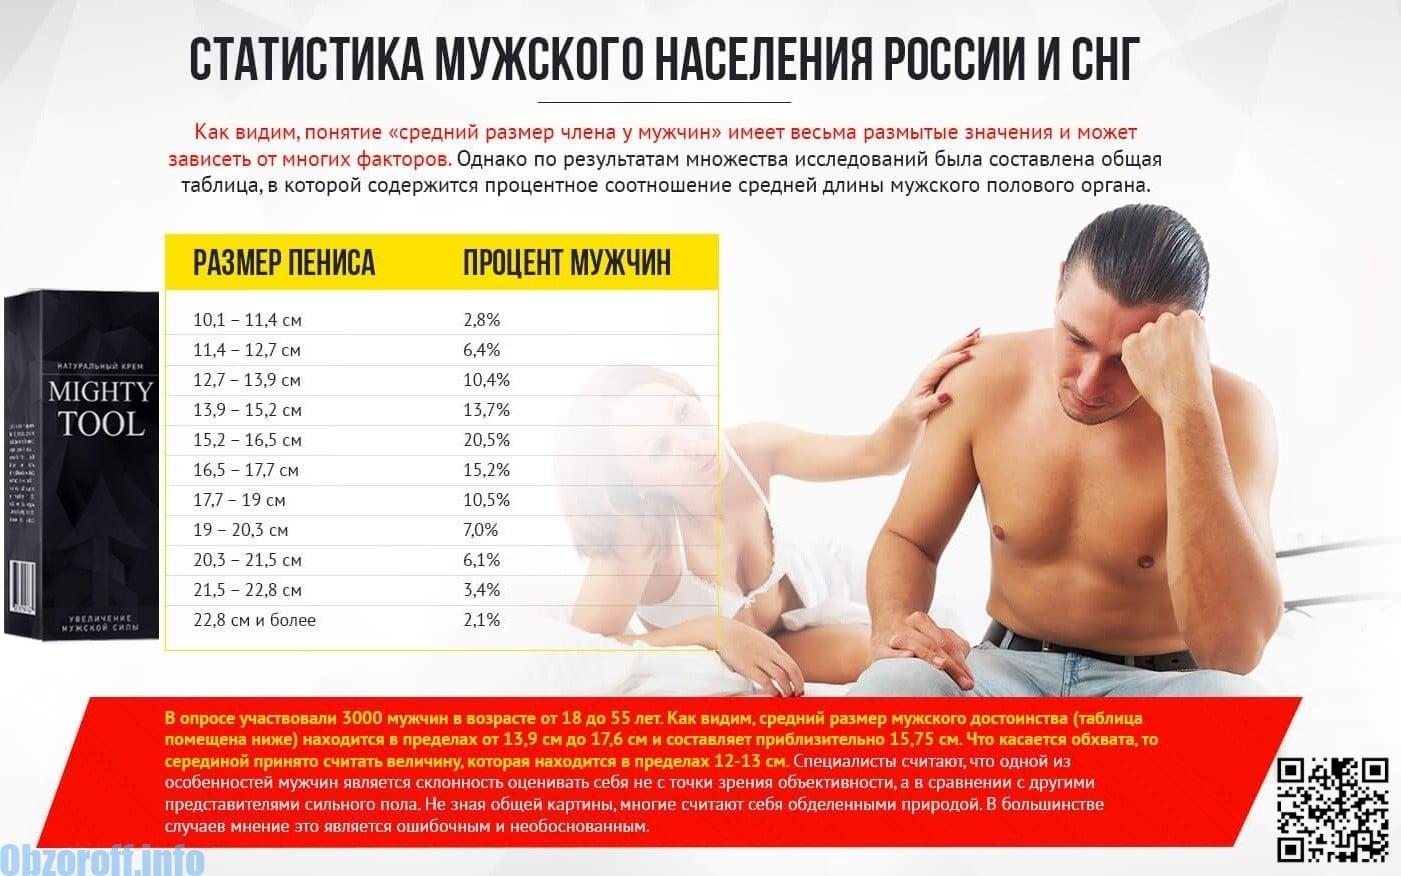 XXL peenise liikme suurendamiseks Mis ravimid suurendavad liikme suurusi